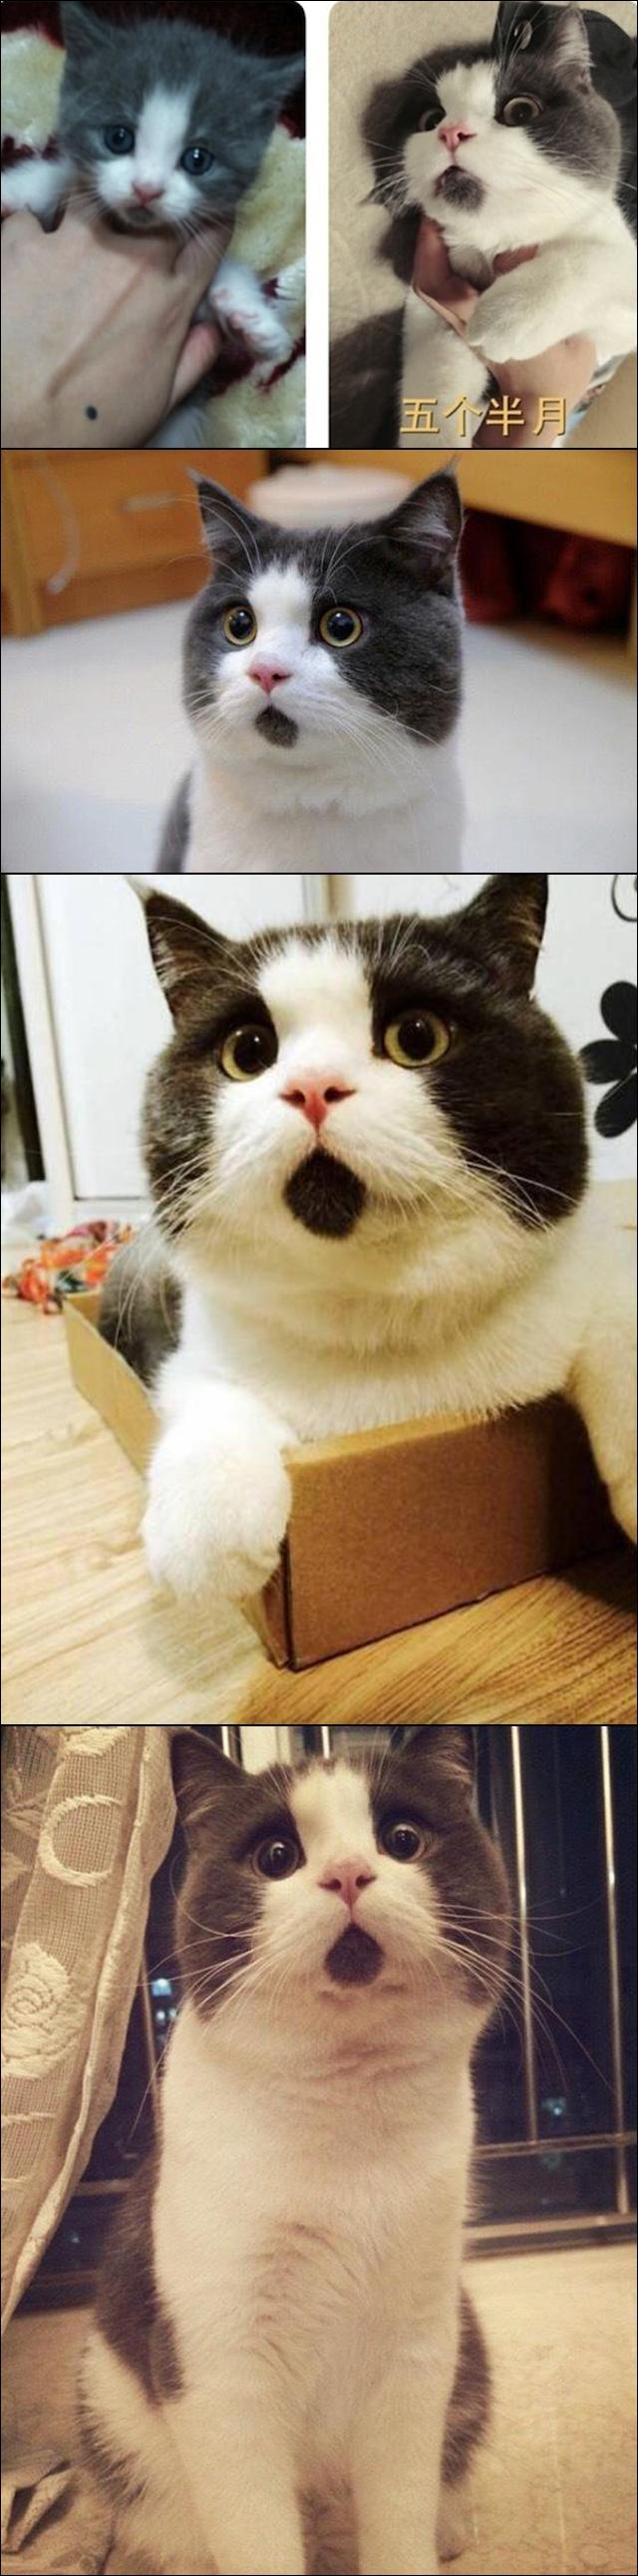 놀라는 고양이.jpg